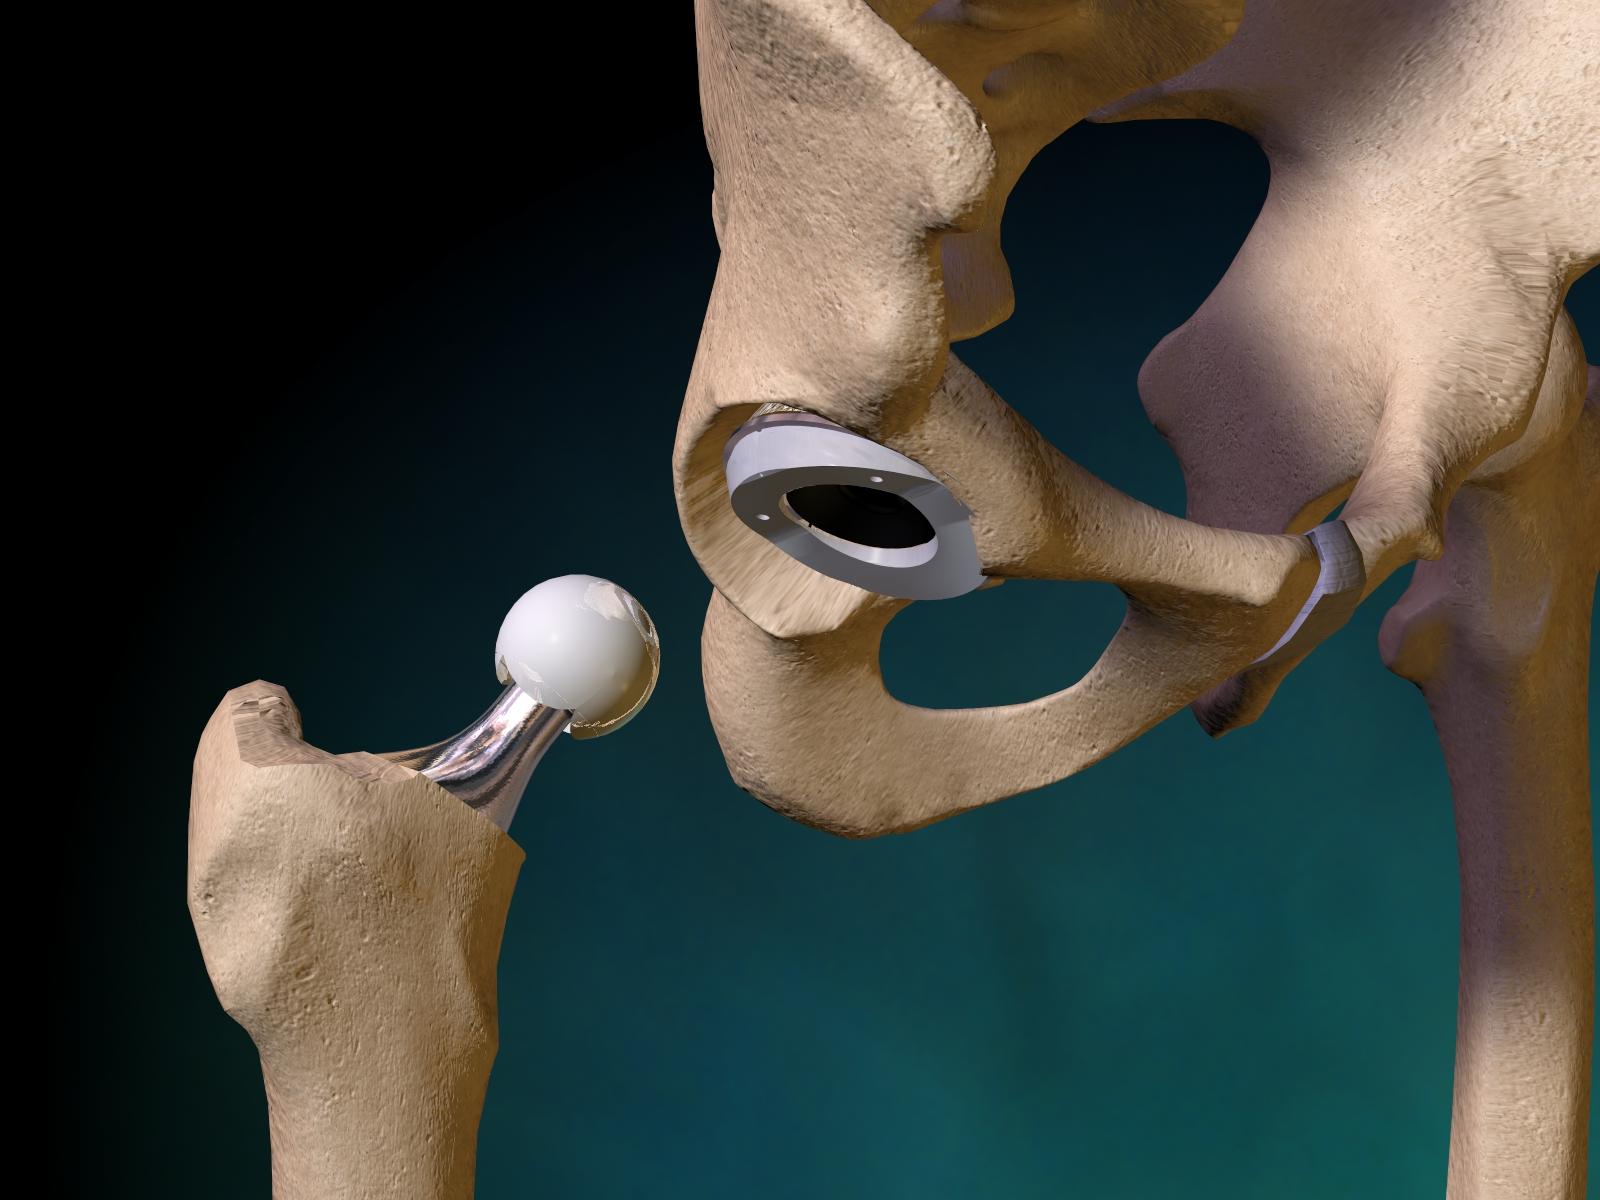 Артрит Коленного Сустава Симптомы И Лечение Отзывы